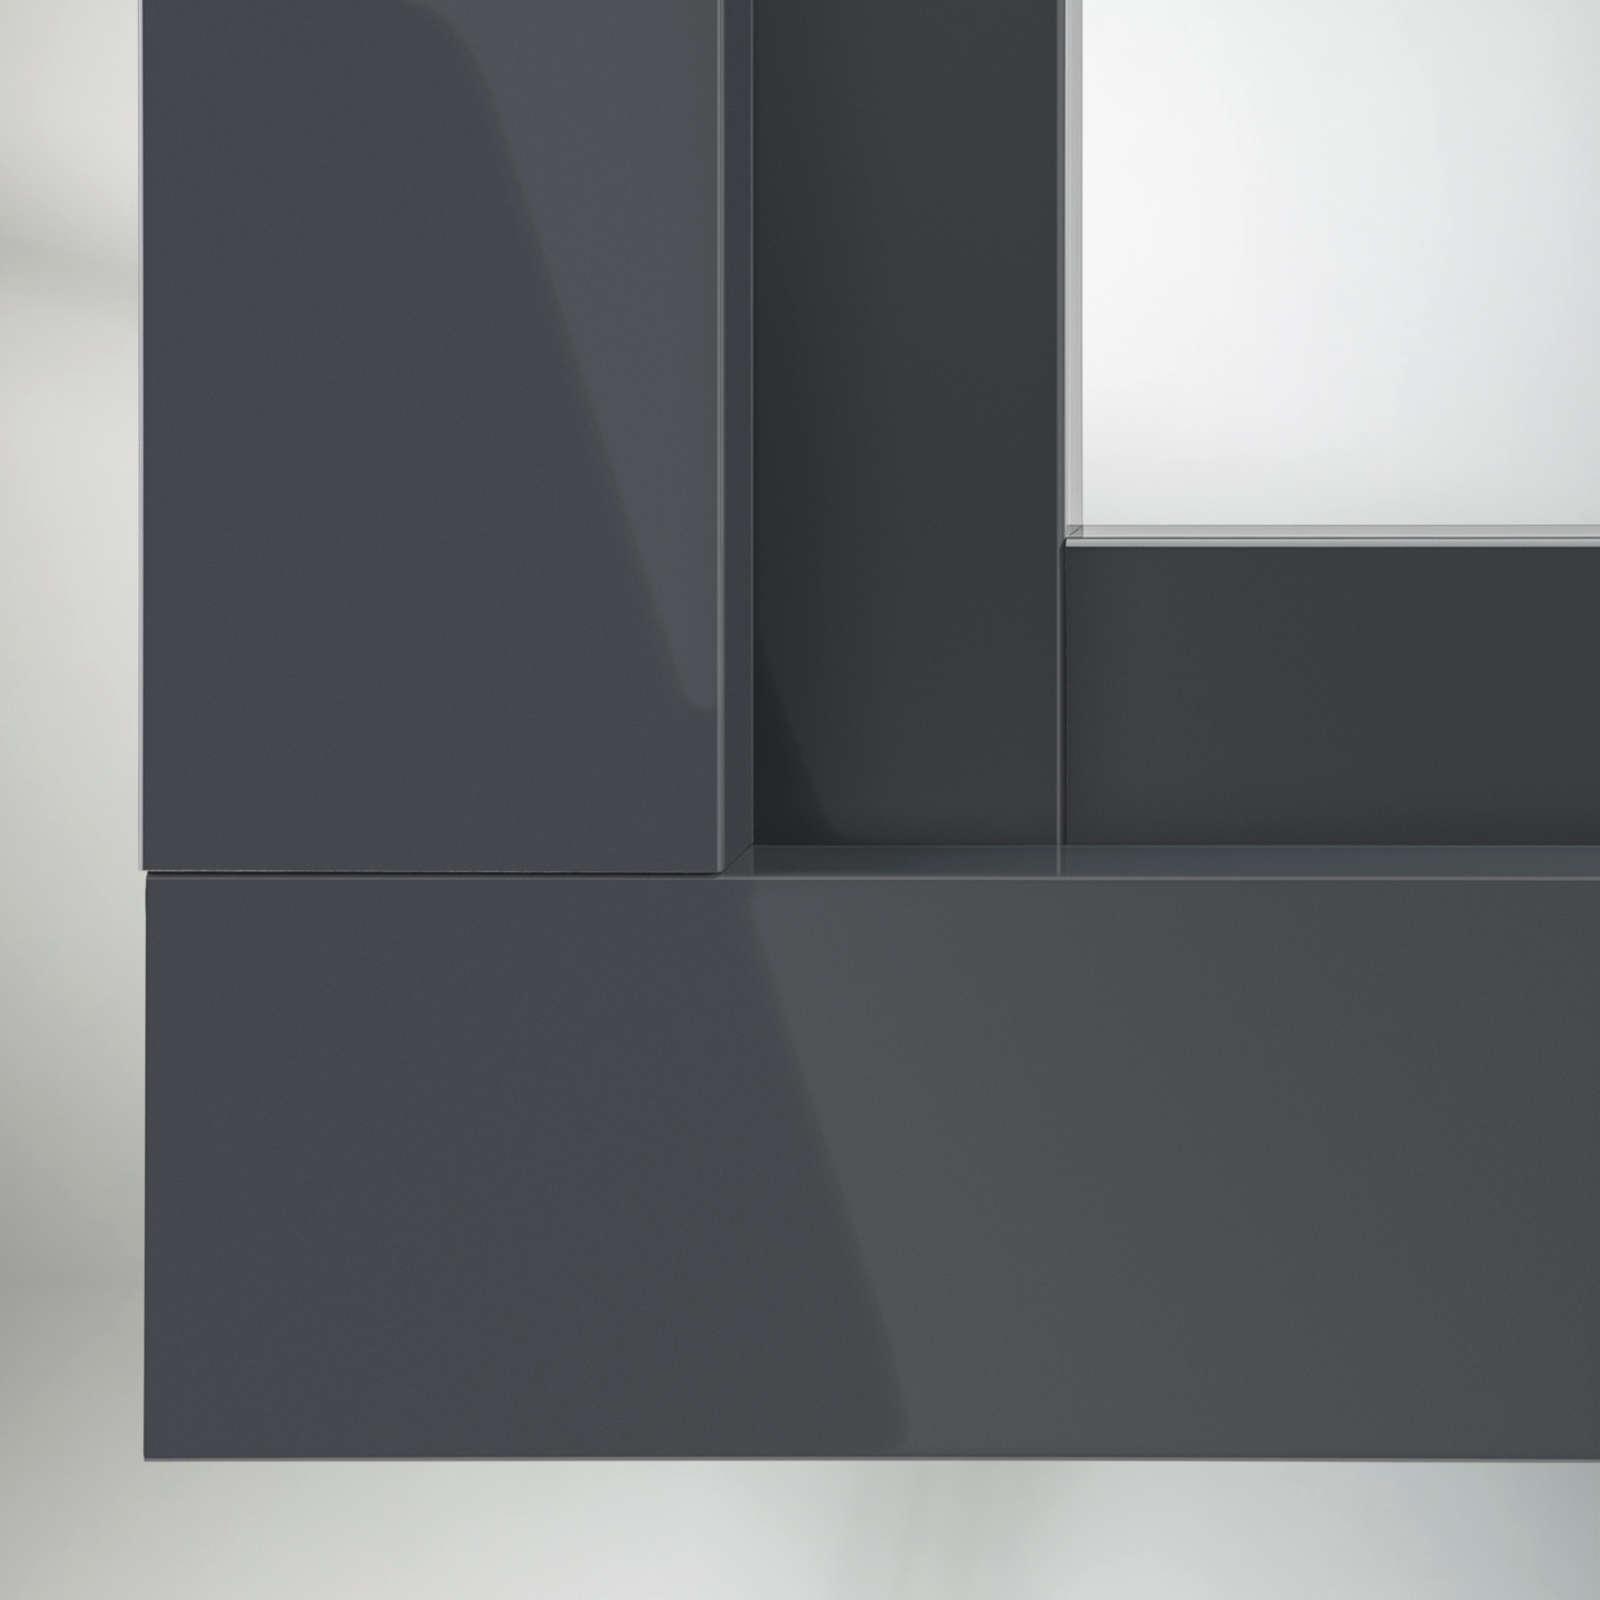 Rivestimento esterno con profili in alluminio Termoplast